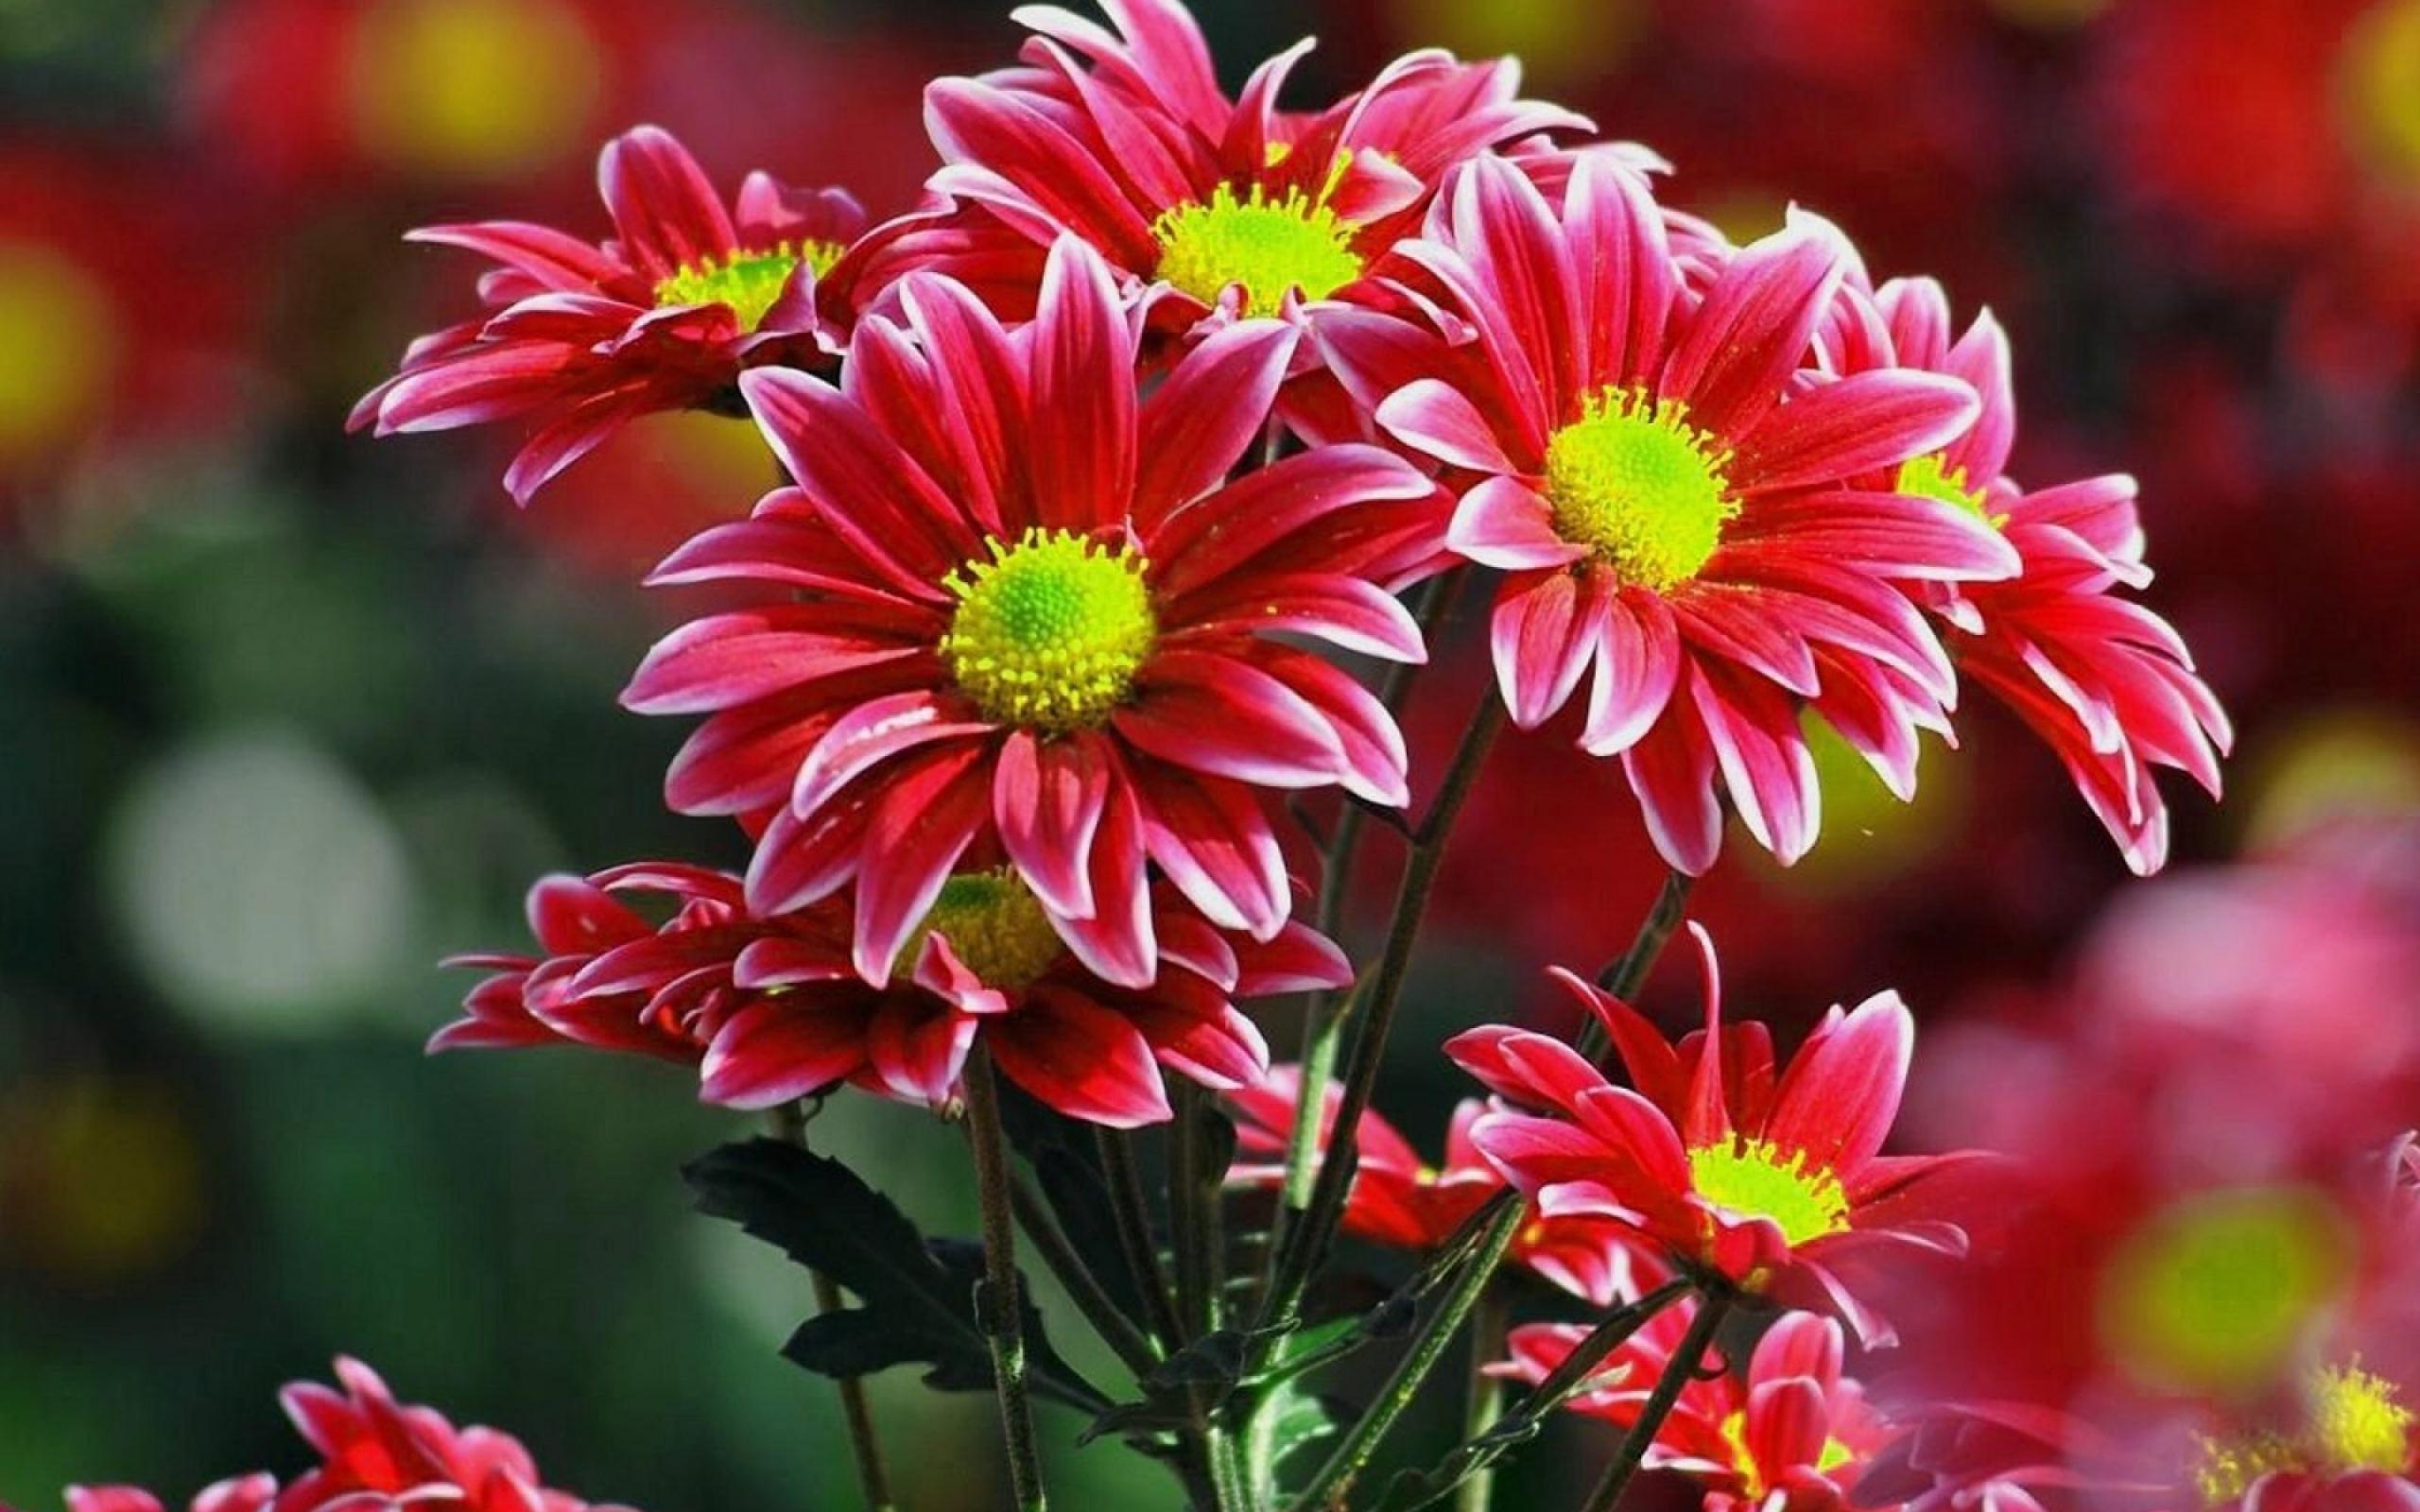 хризантема цветок фото: